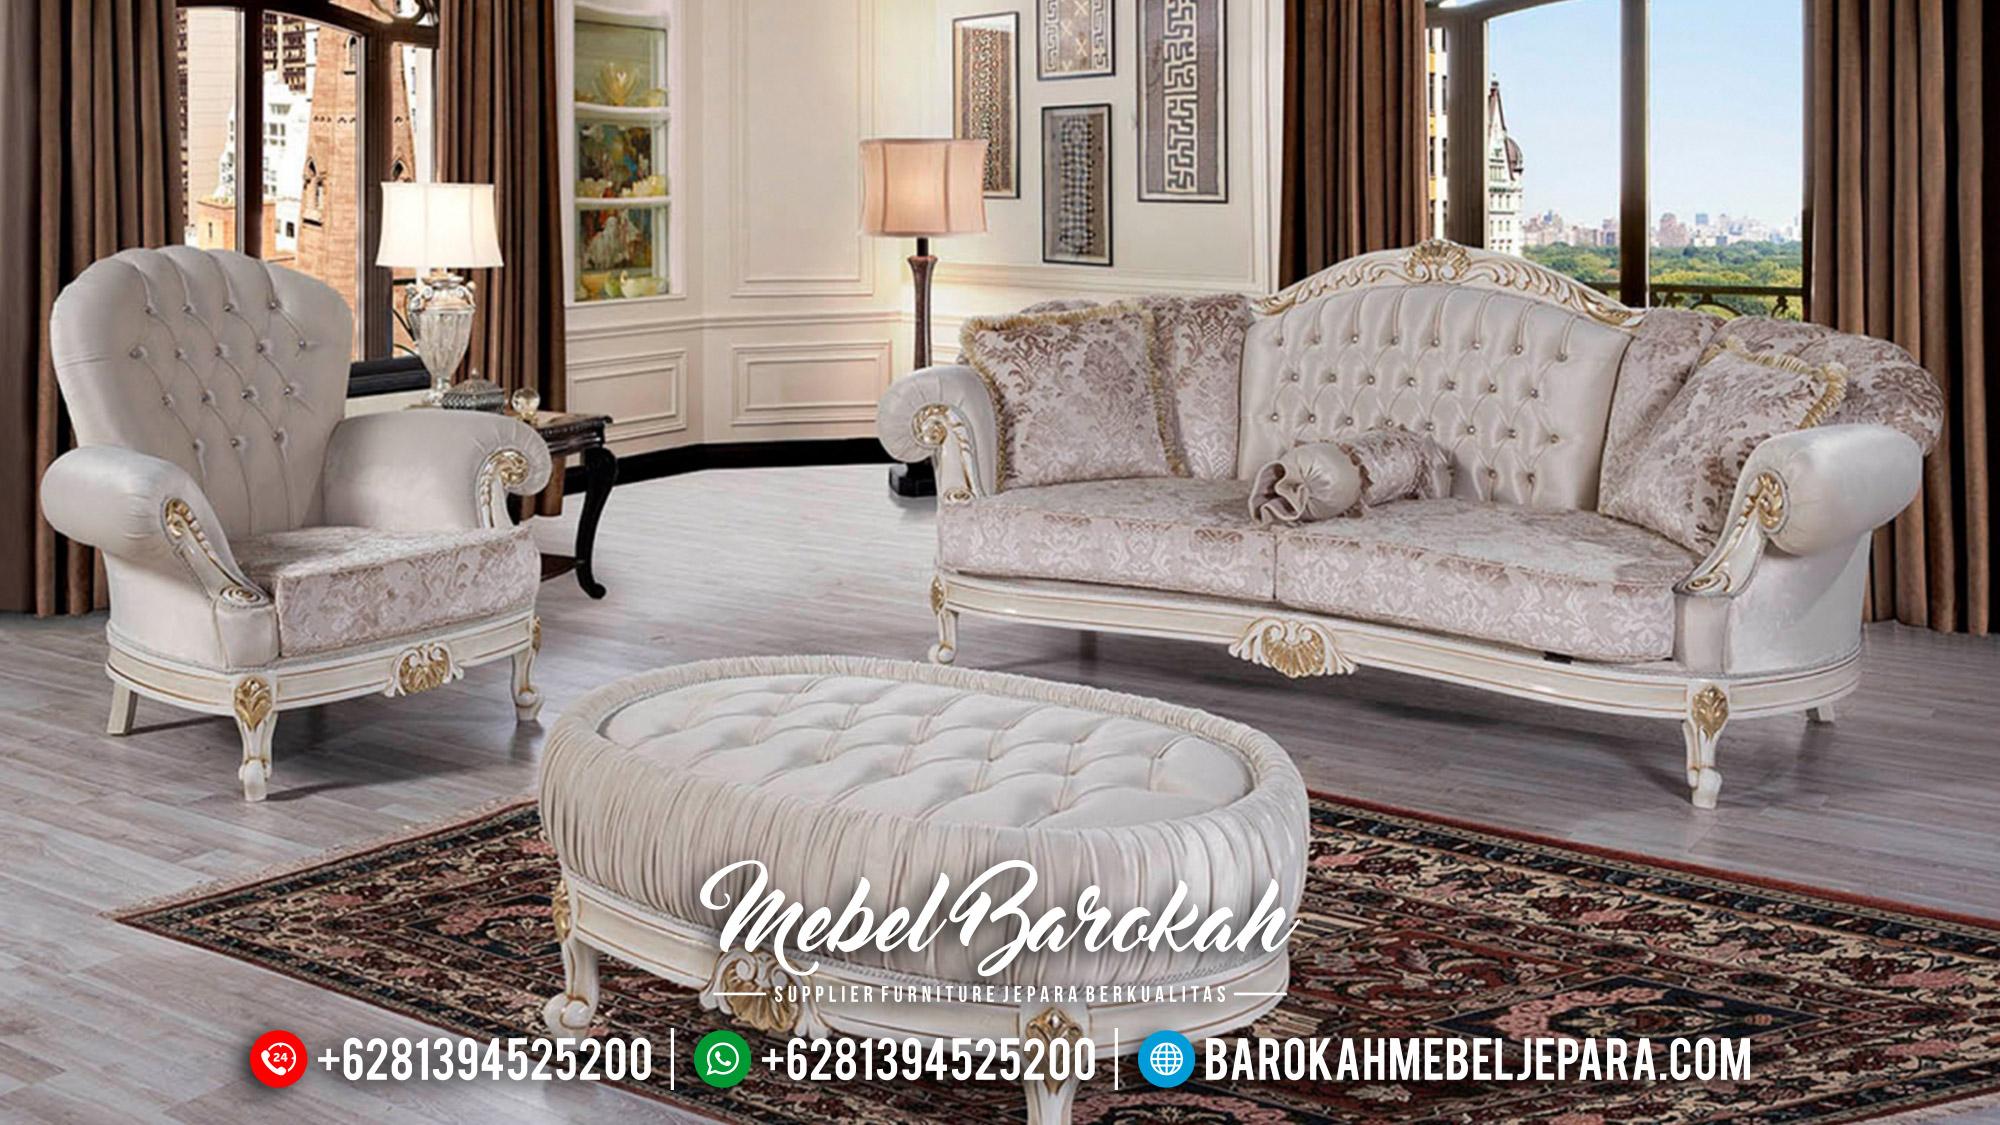 New Model Sofa Tamu Mewah Luxury Carving Furniture Jepara Terbaru MB-0579